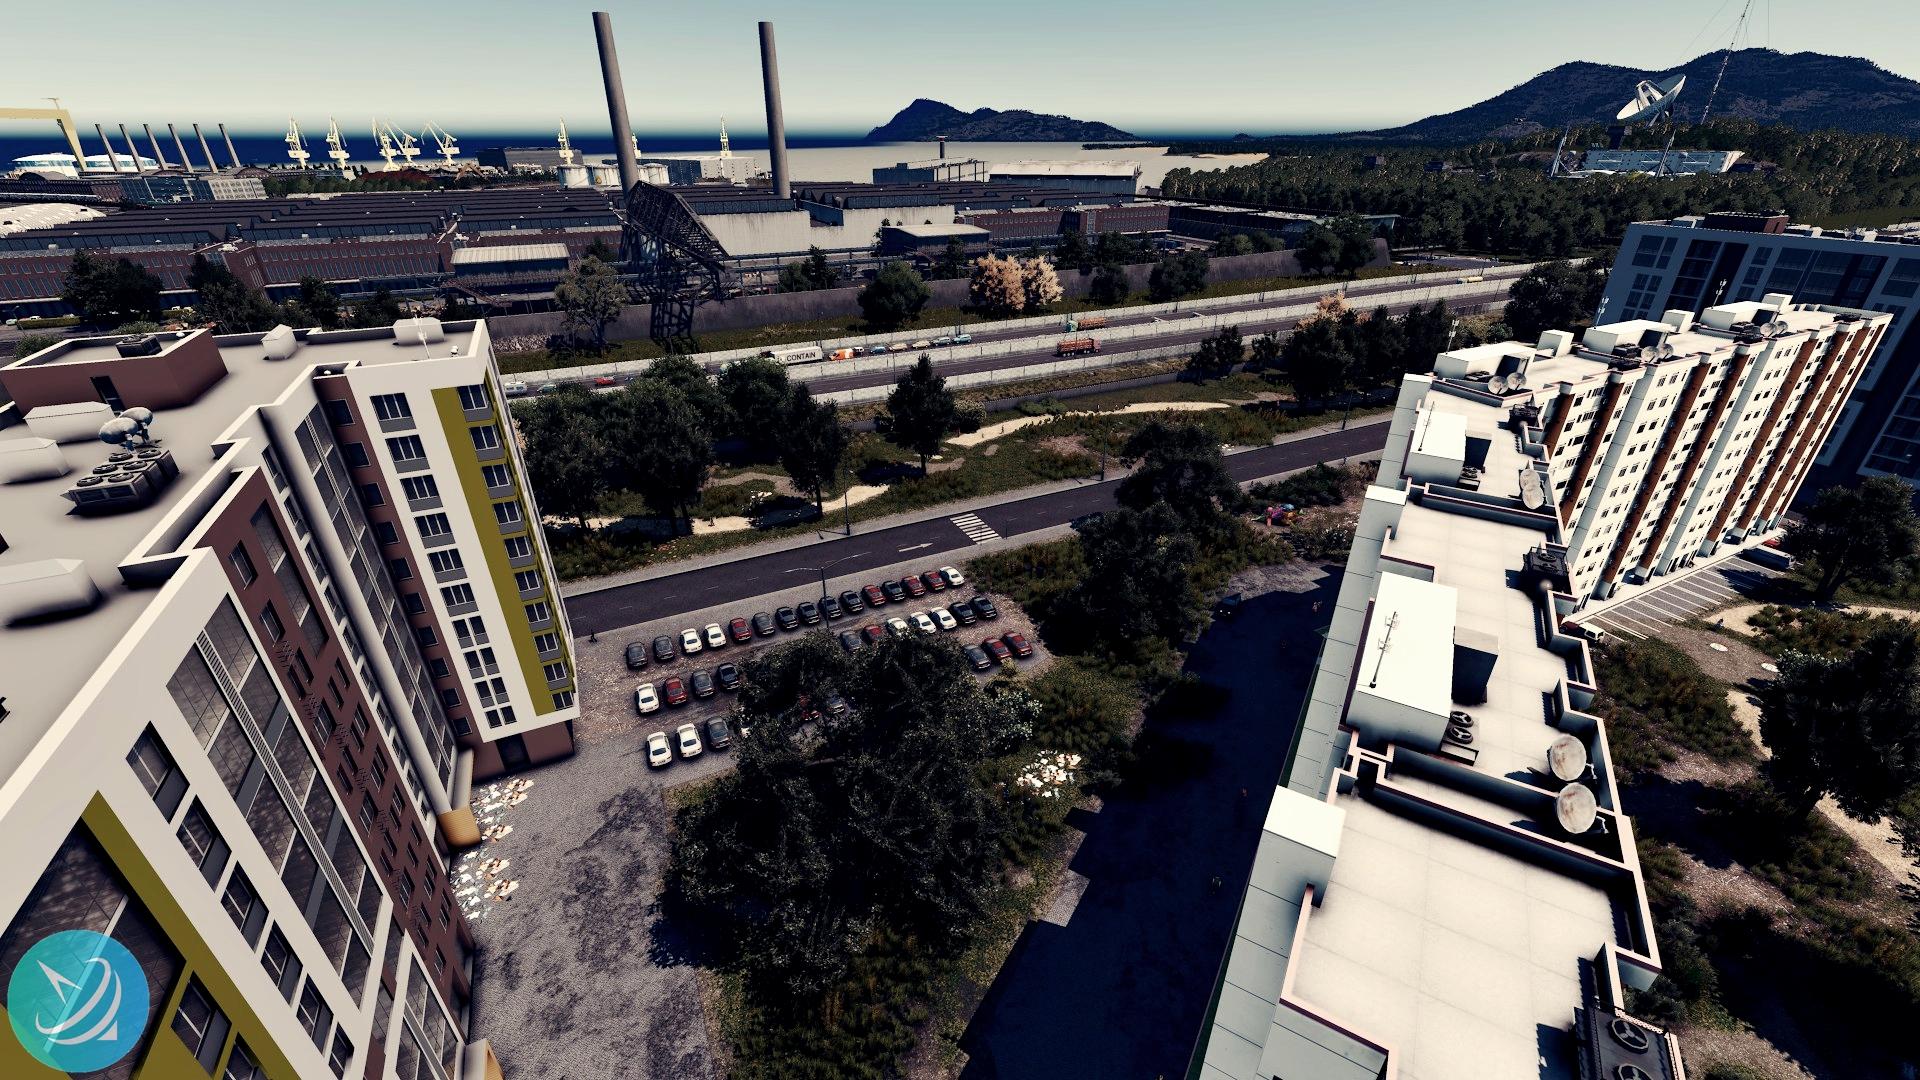 Djavolja Varos. (Maj complexe pétrolier p6, par industriel p5) à mettre à la corbeille sv - Page 3 180823110913760324